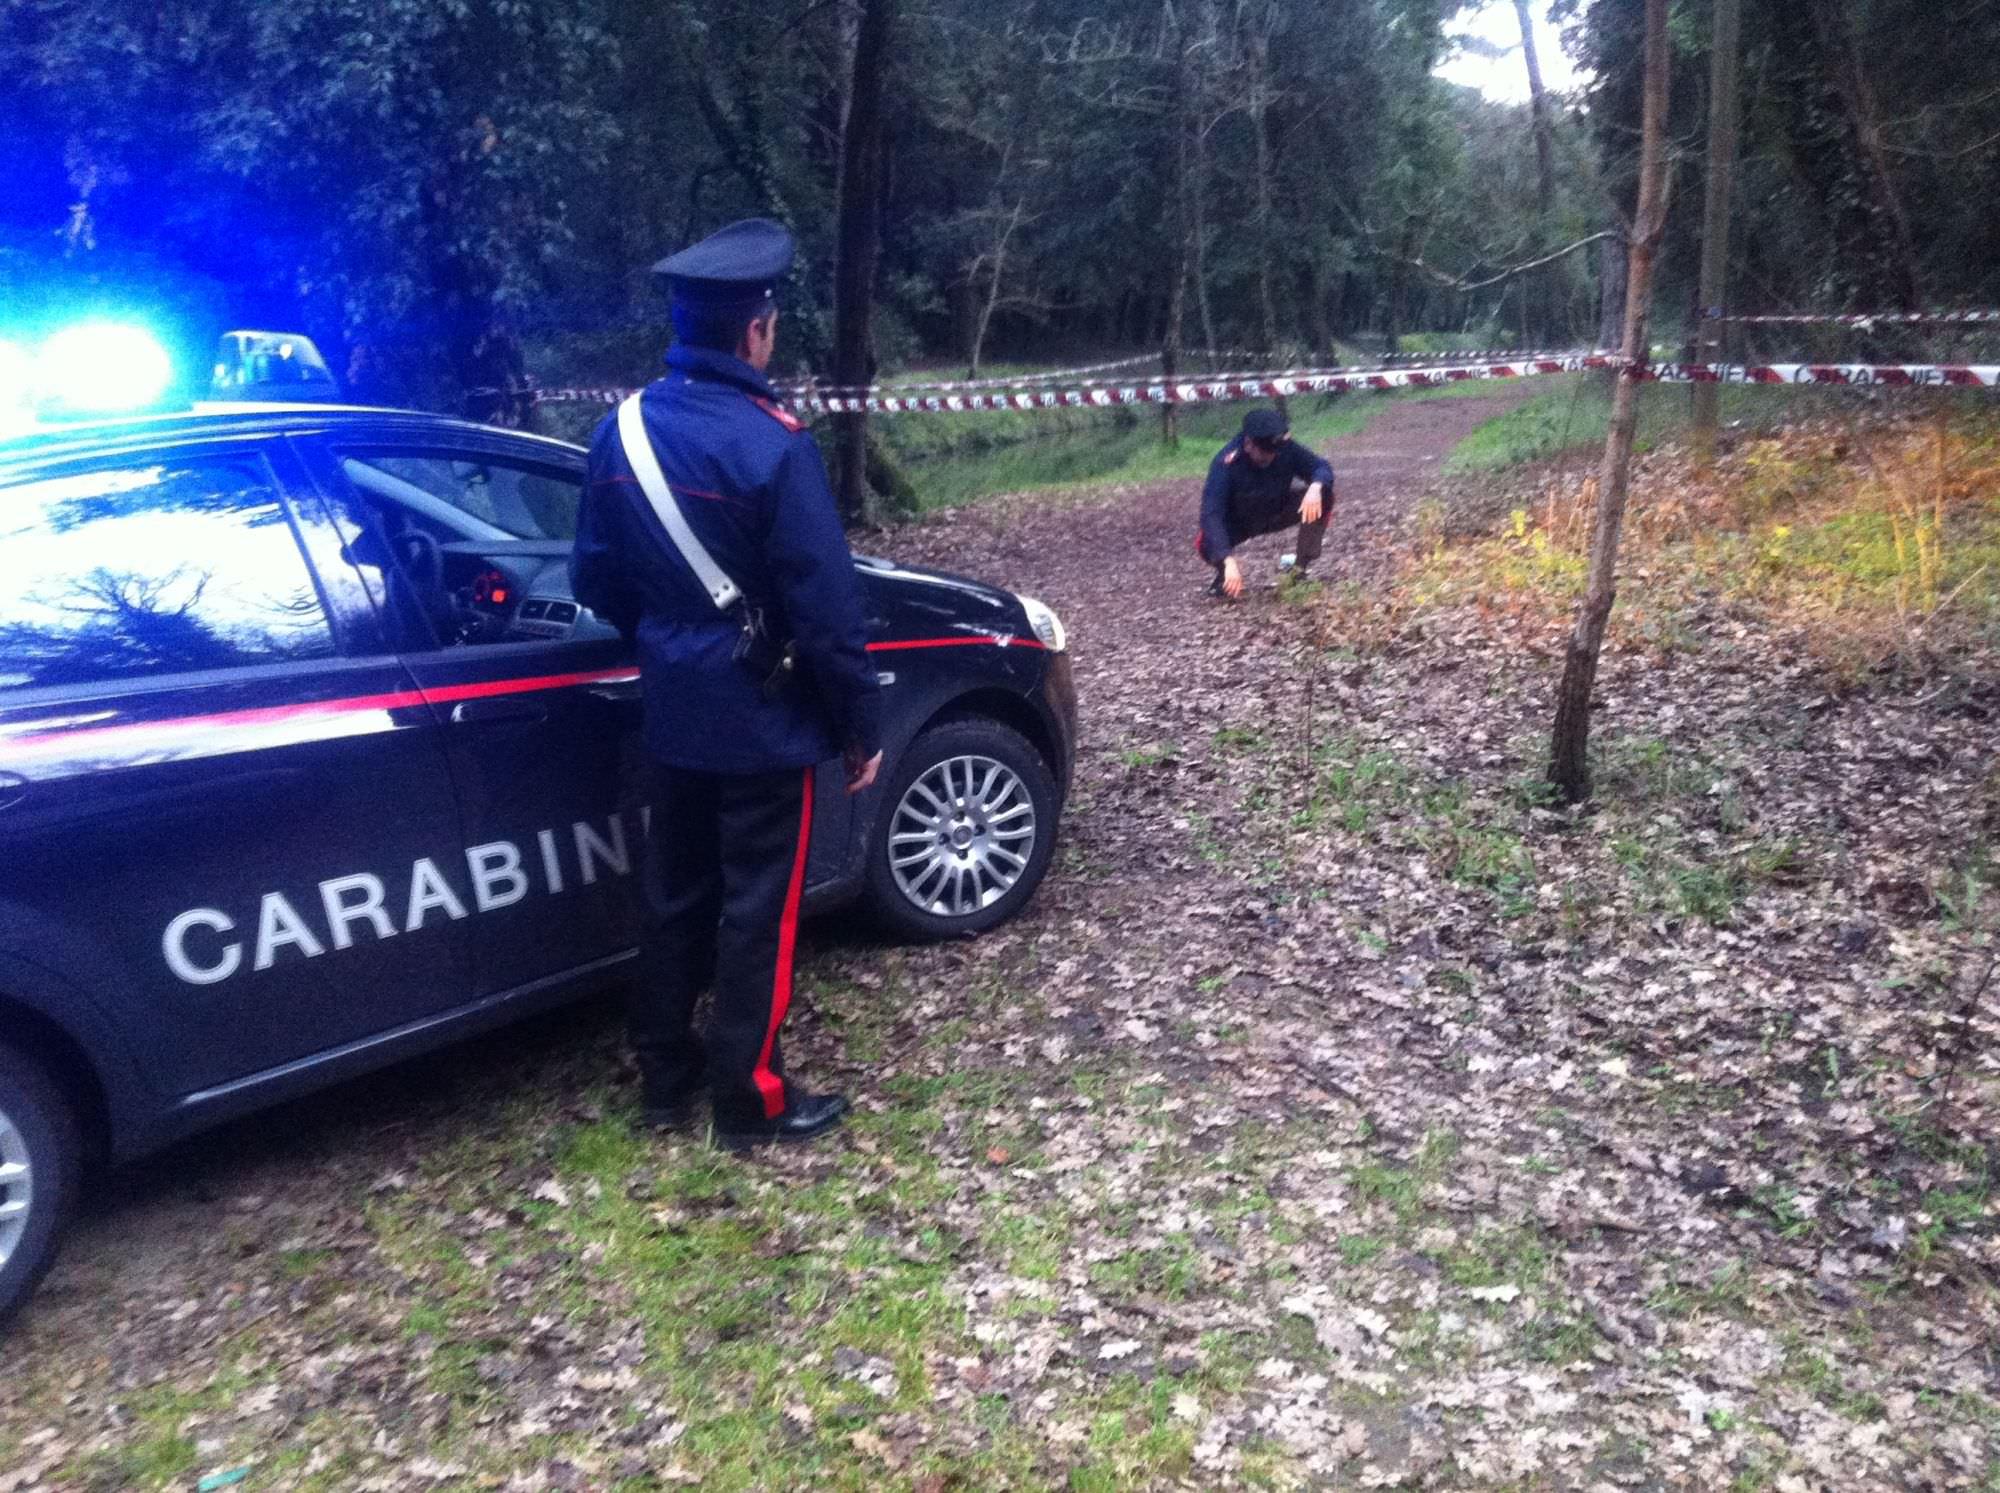 Trovato il corpo carbonizzato di un uomo in un capanno